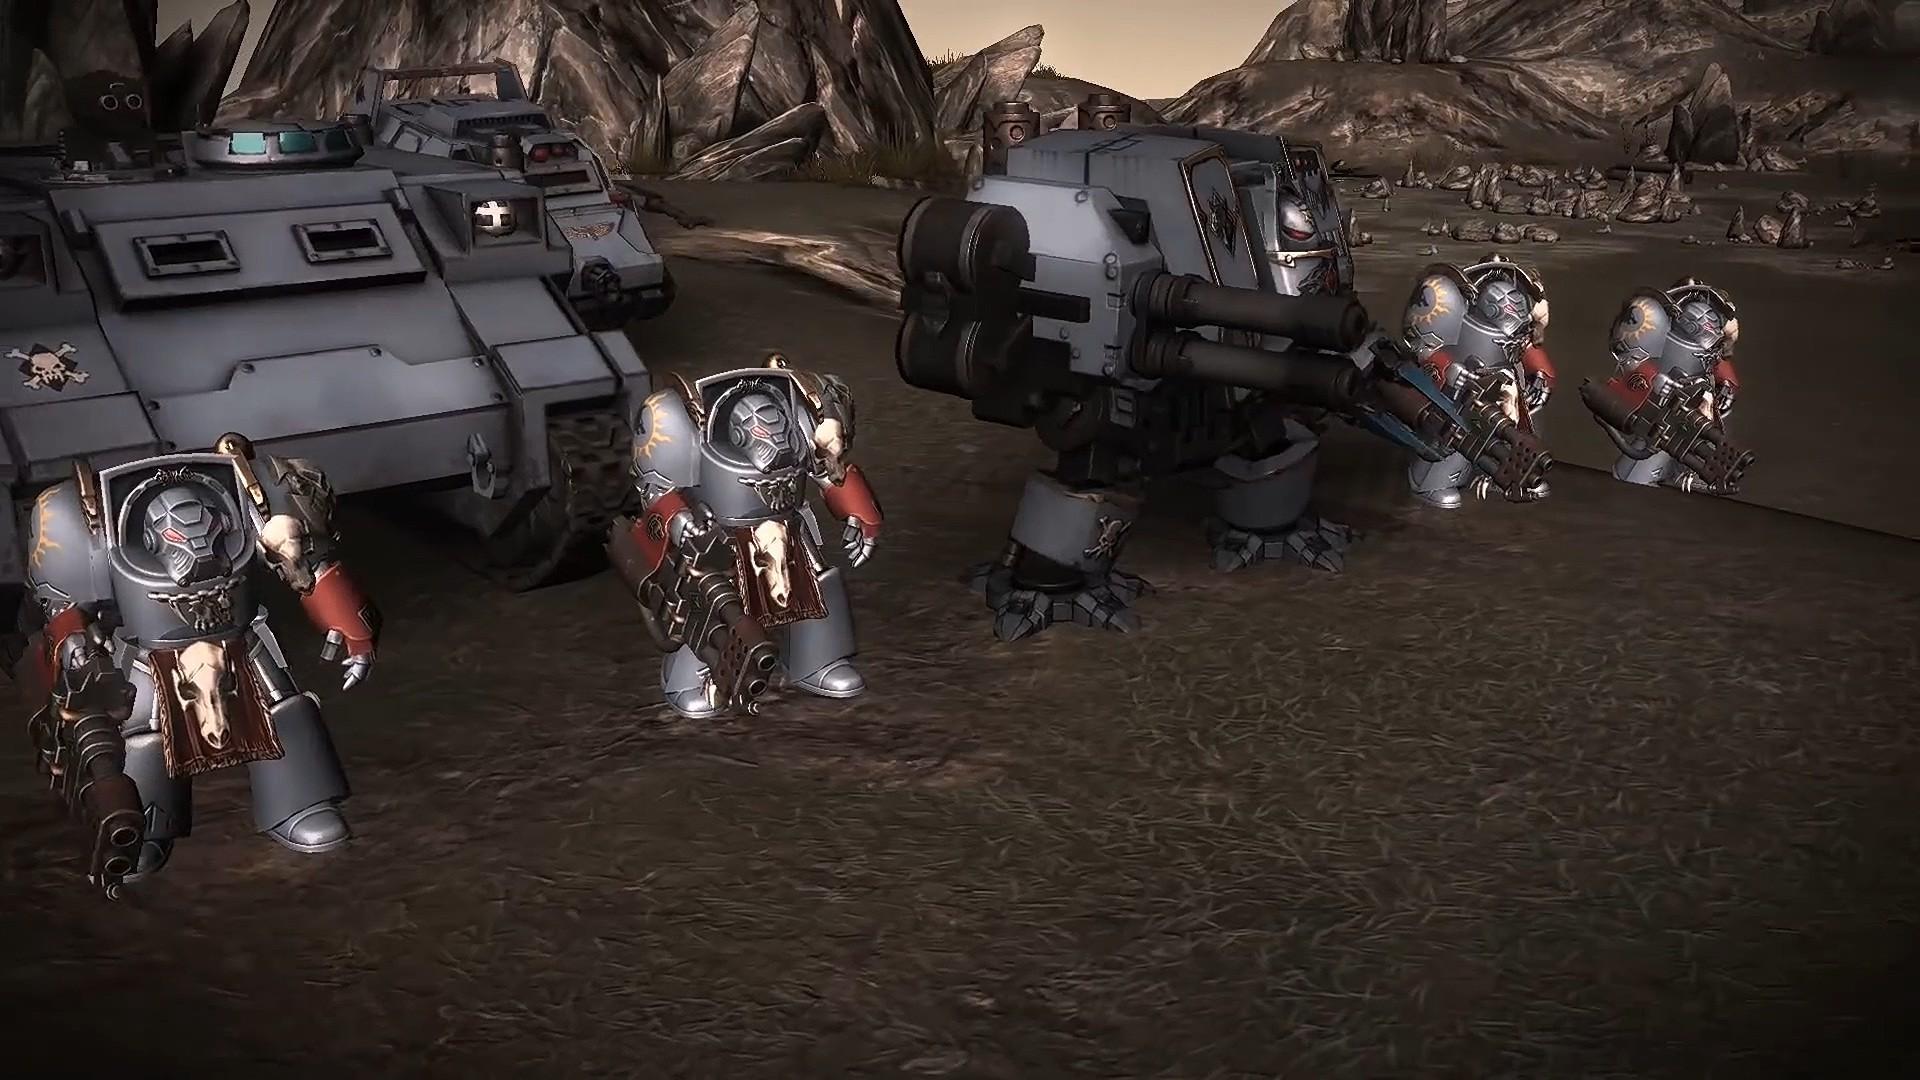 《战锤40K:神圣军团》游戏预告新公布 PC独占